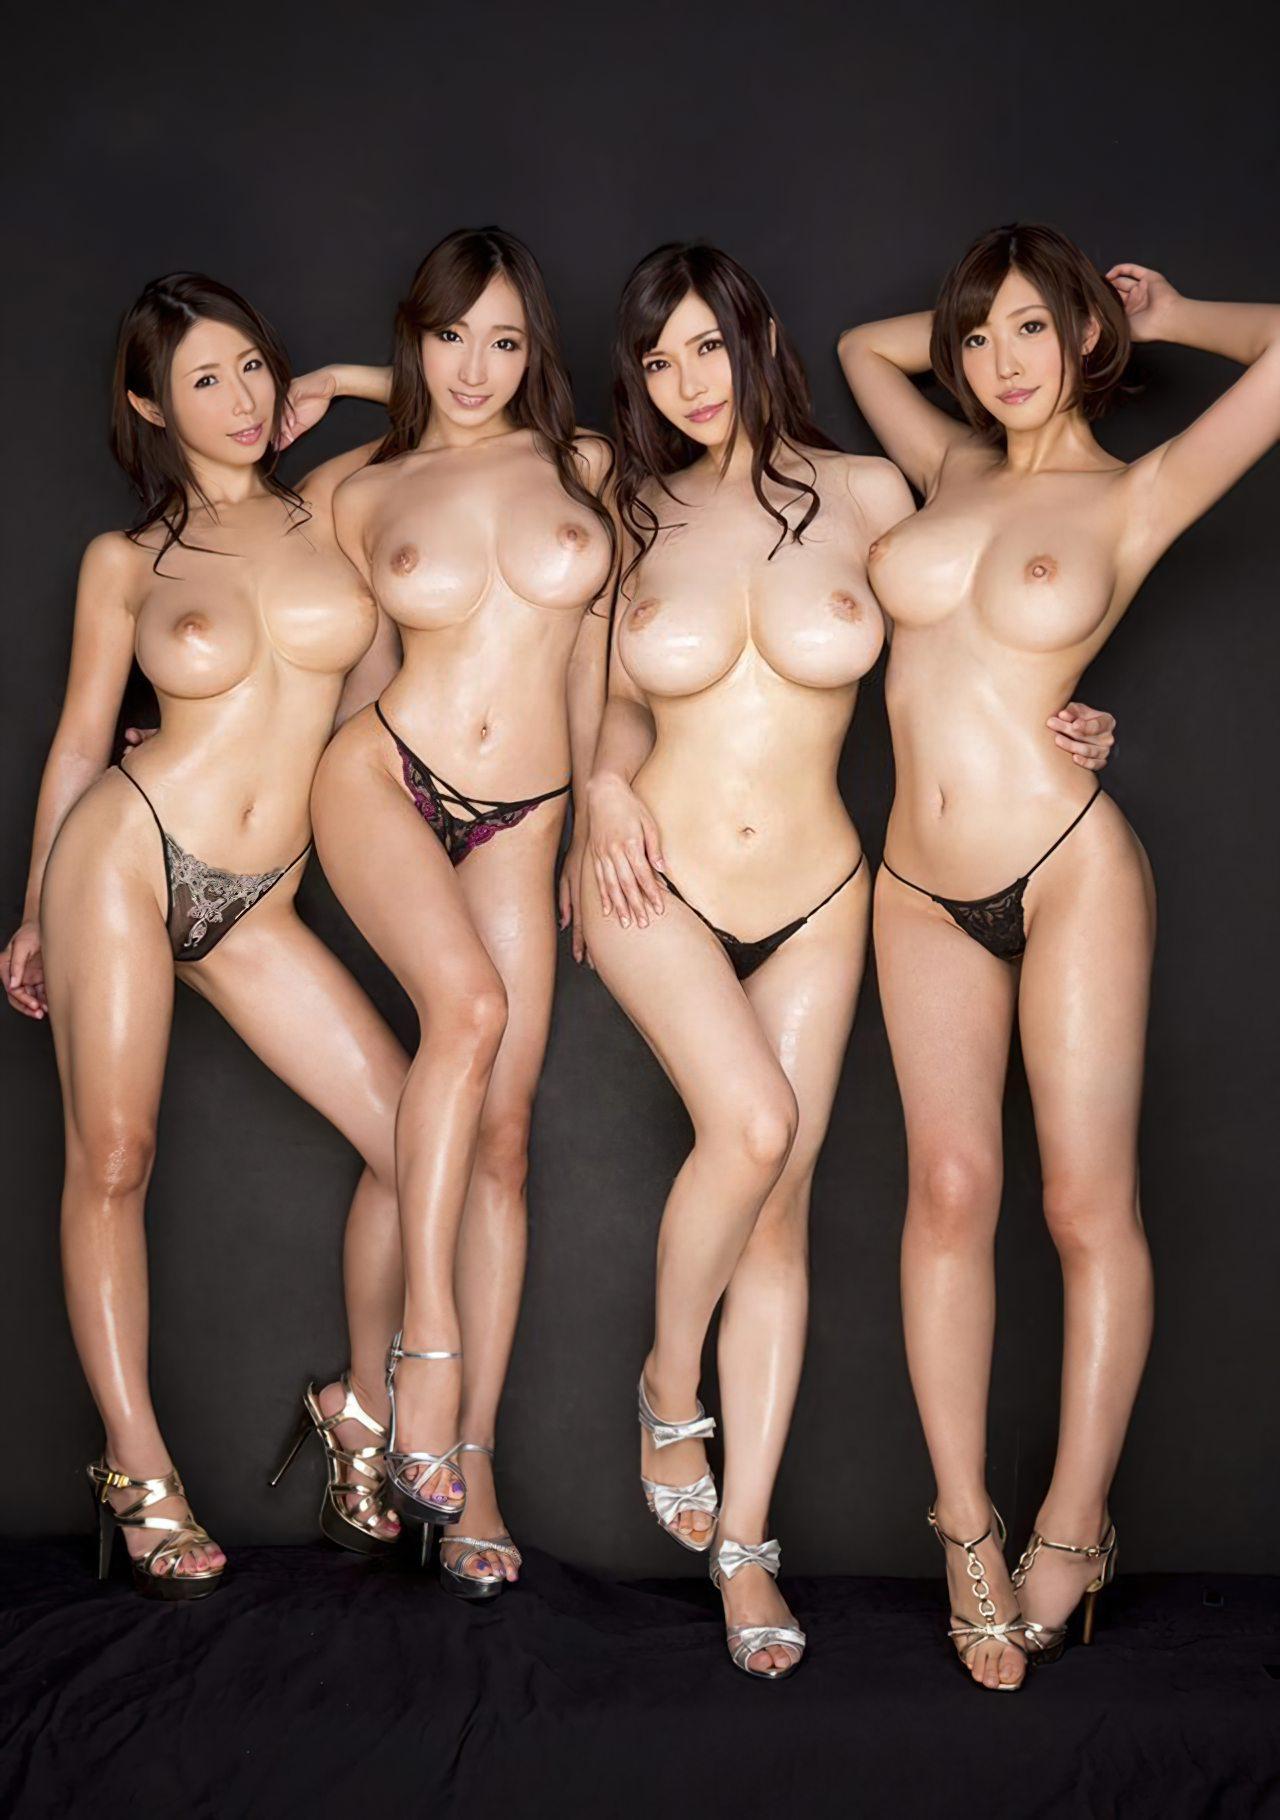 Mulheres Orientais Nuas (8)